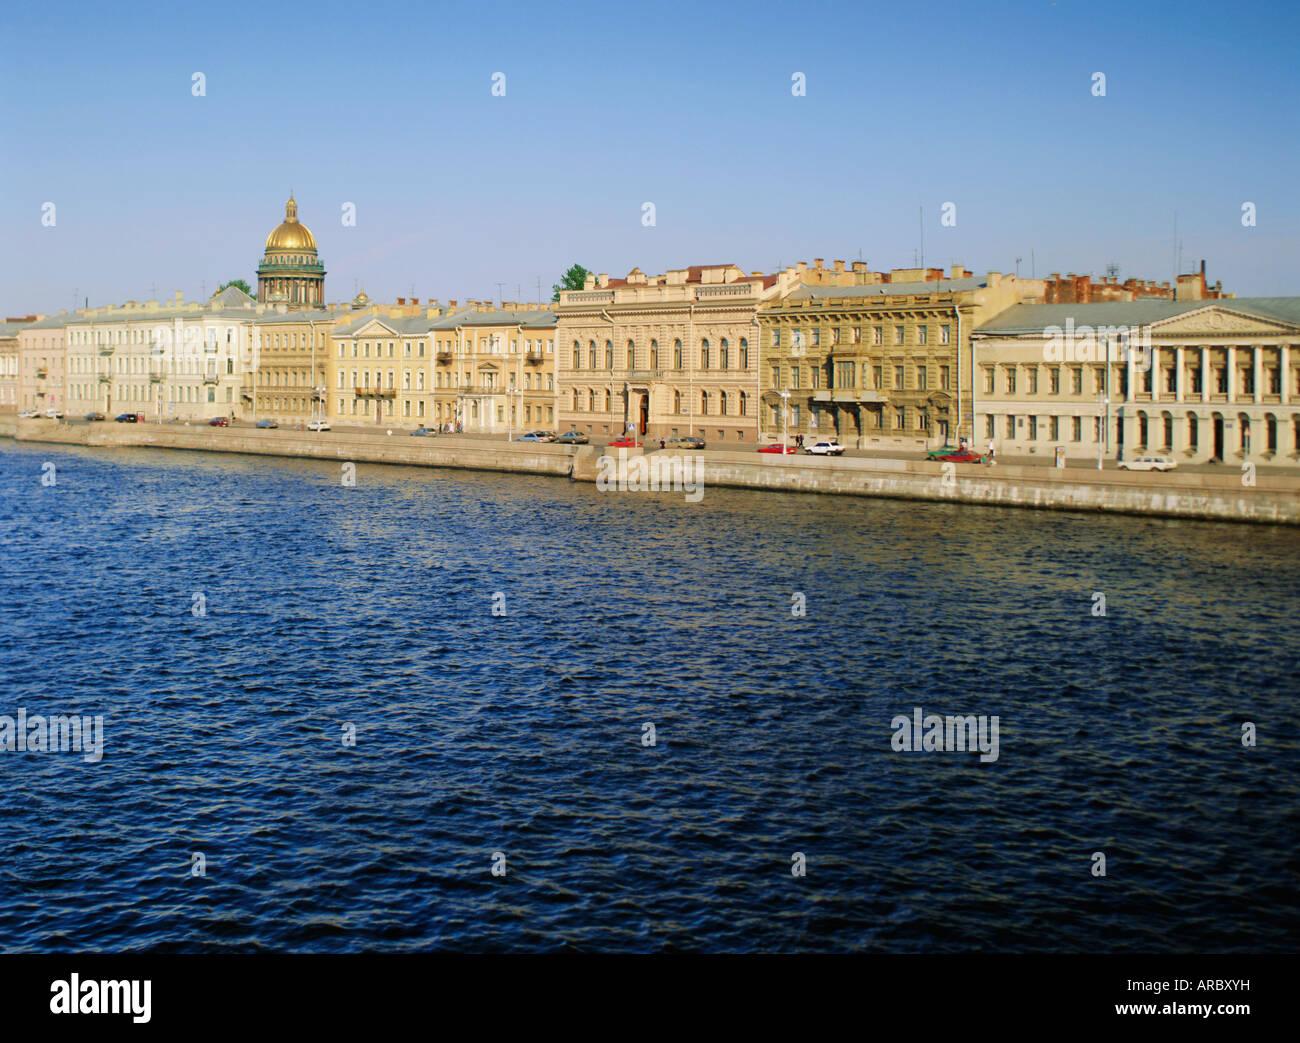 Fiume Neva, inglese Quay e lo skyline di San Pietroburgo, Russia, Europa Immagini Stock